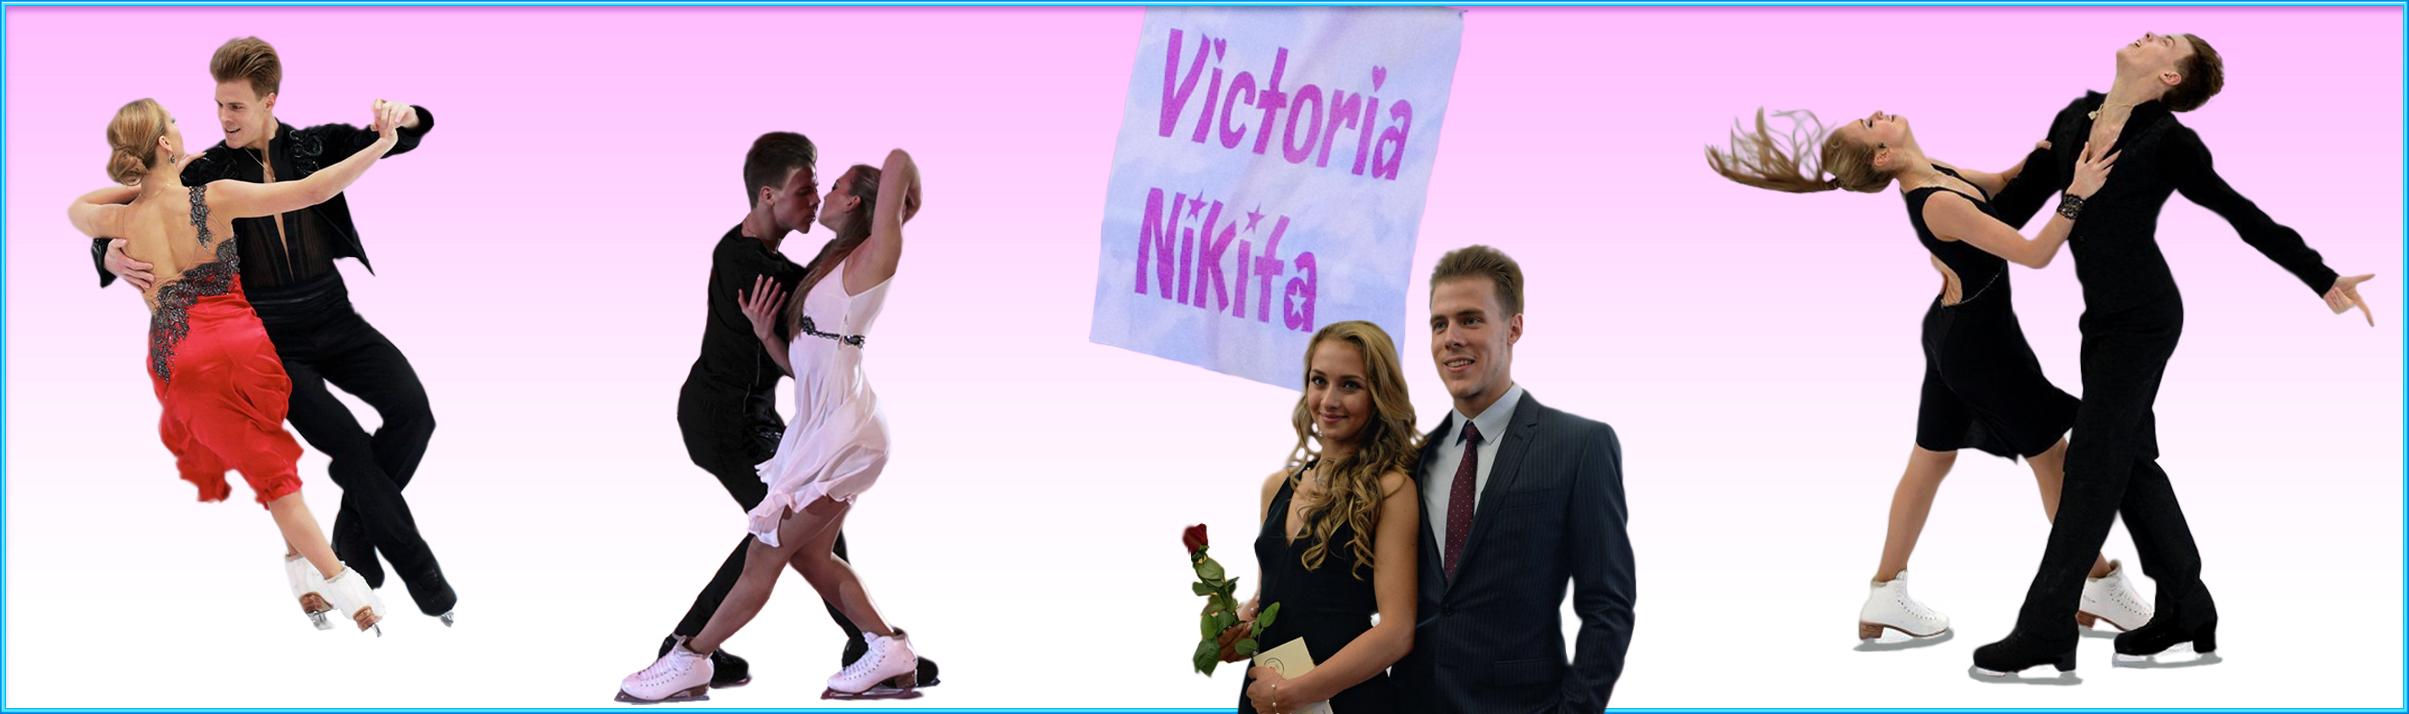 Виктория Синицина - Никита Кацалапов - 2 - Страница 25 Qc05G